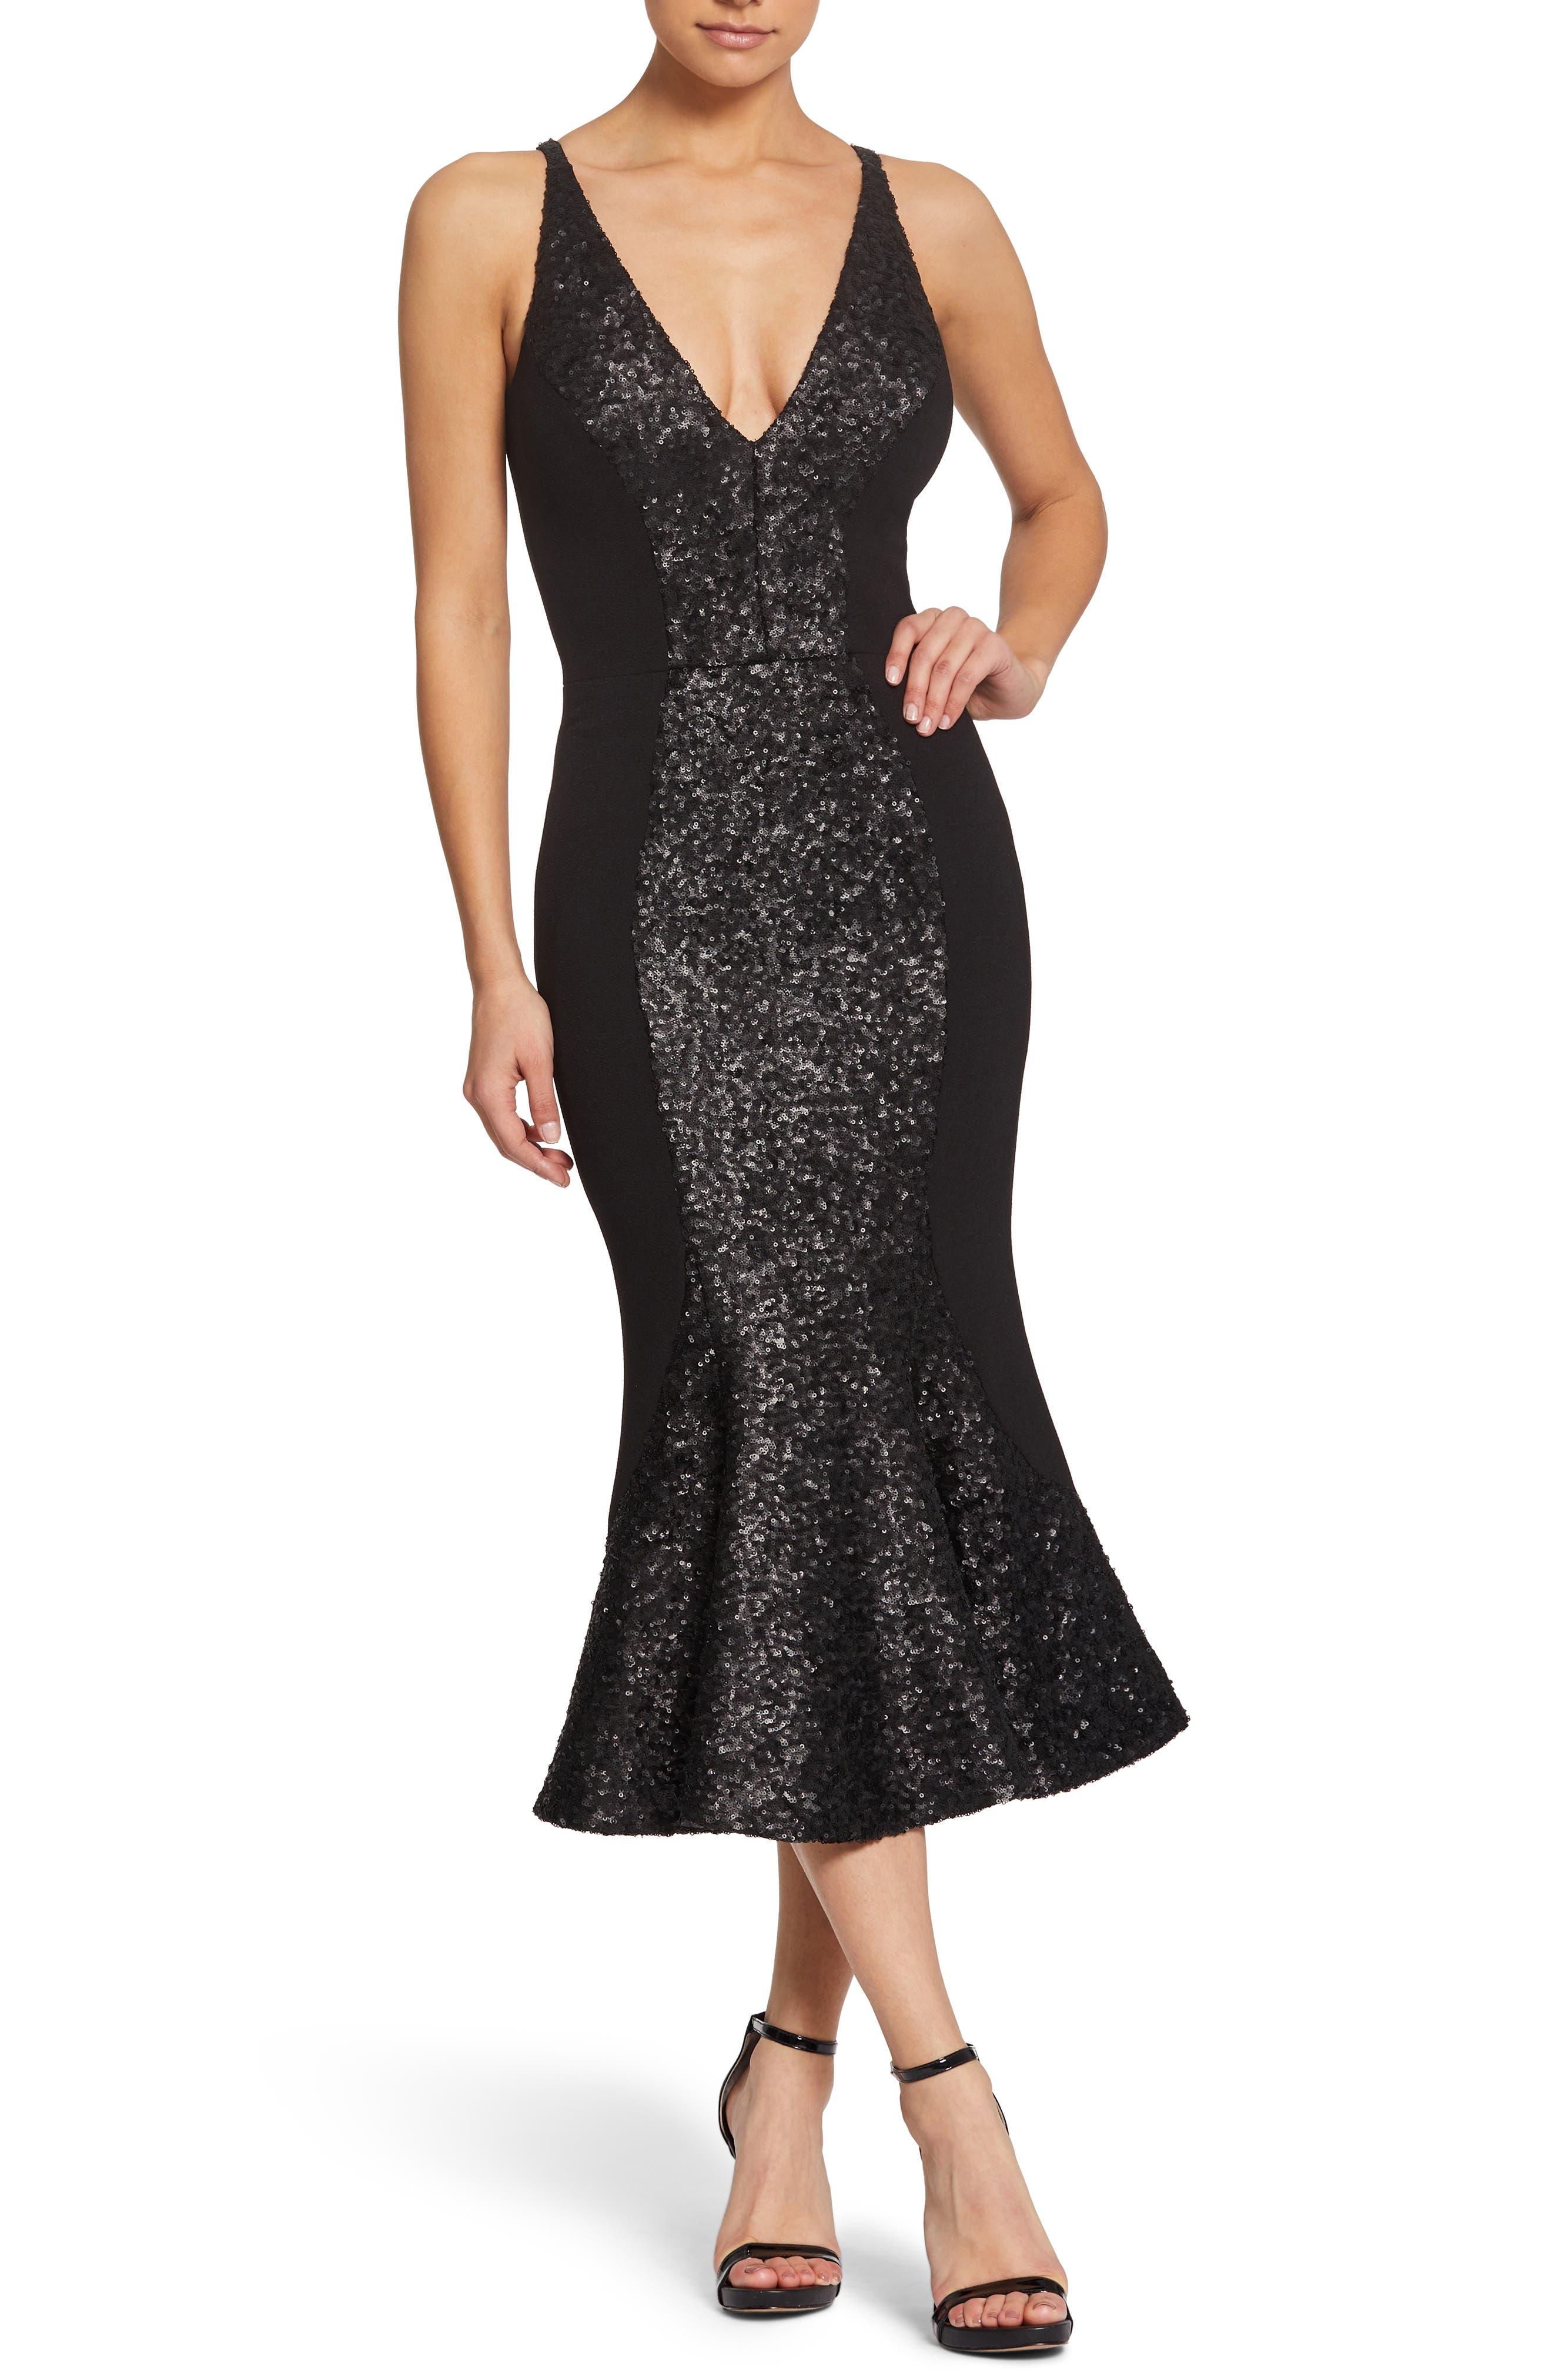 Kyle Embellished Midi Dress,                             Main thumbnail 1, color,                             BLACK/ BLACK